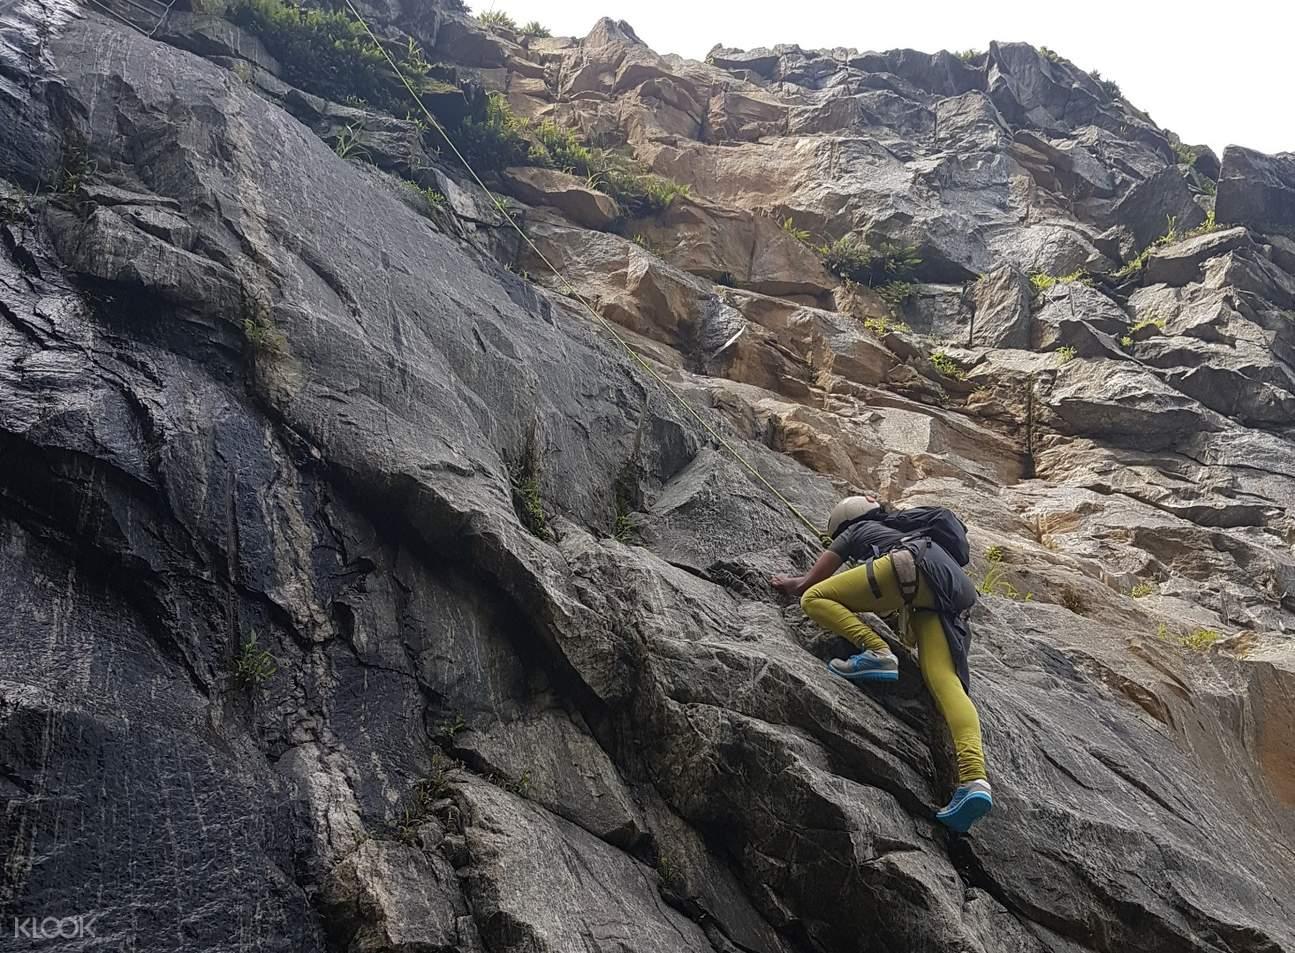 庫格岩石攀爬探險